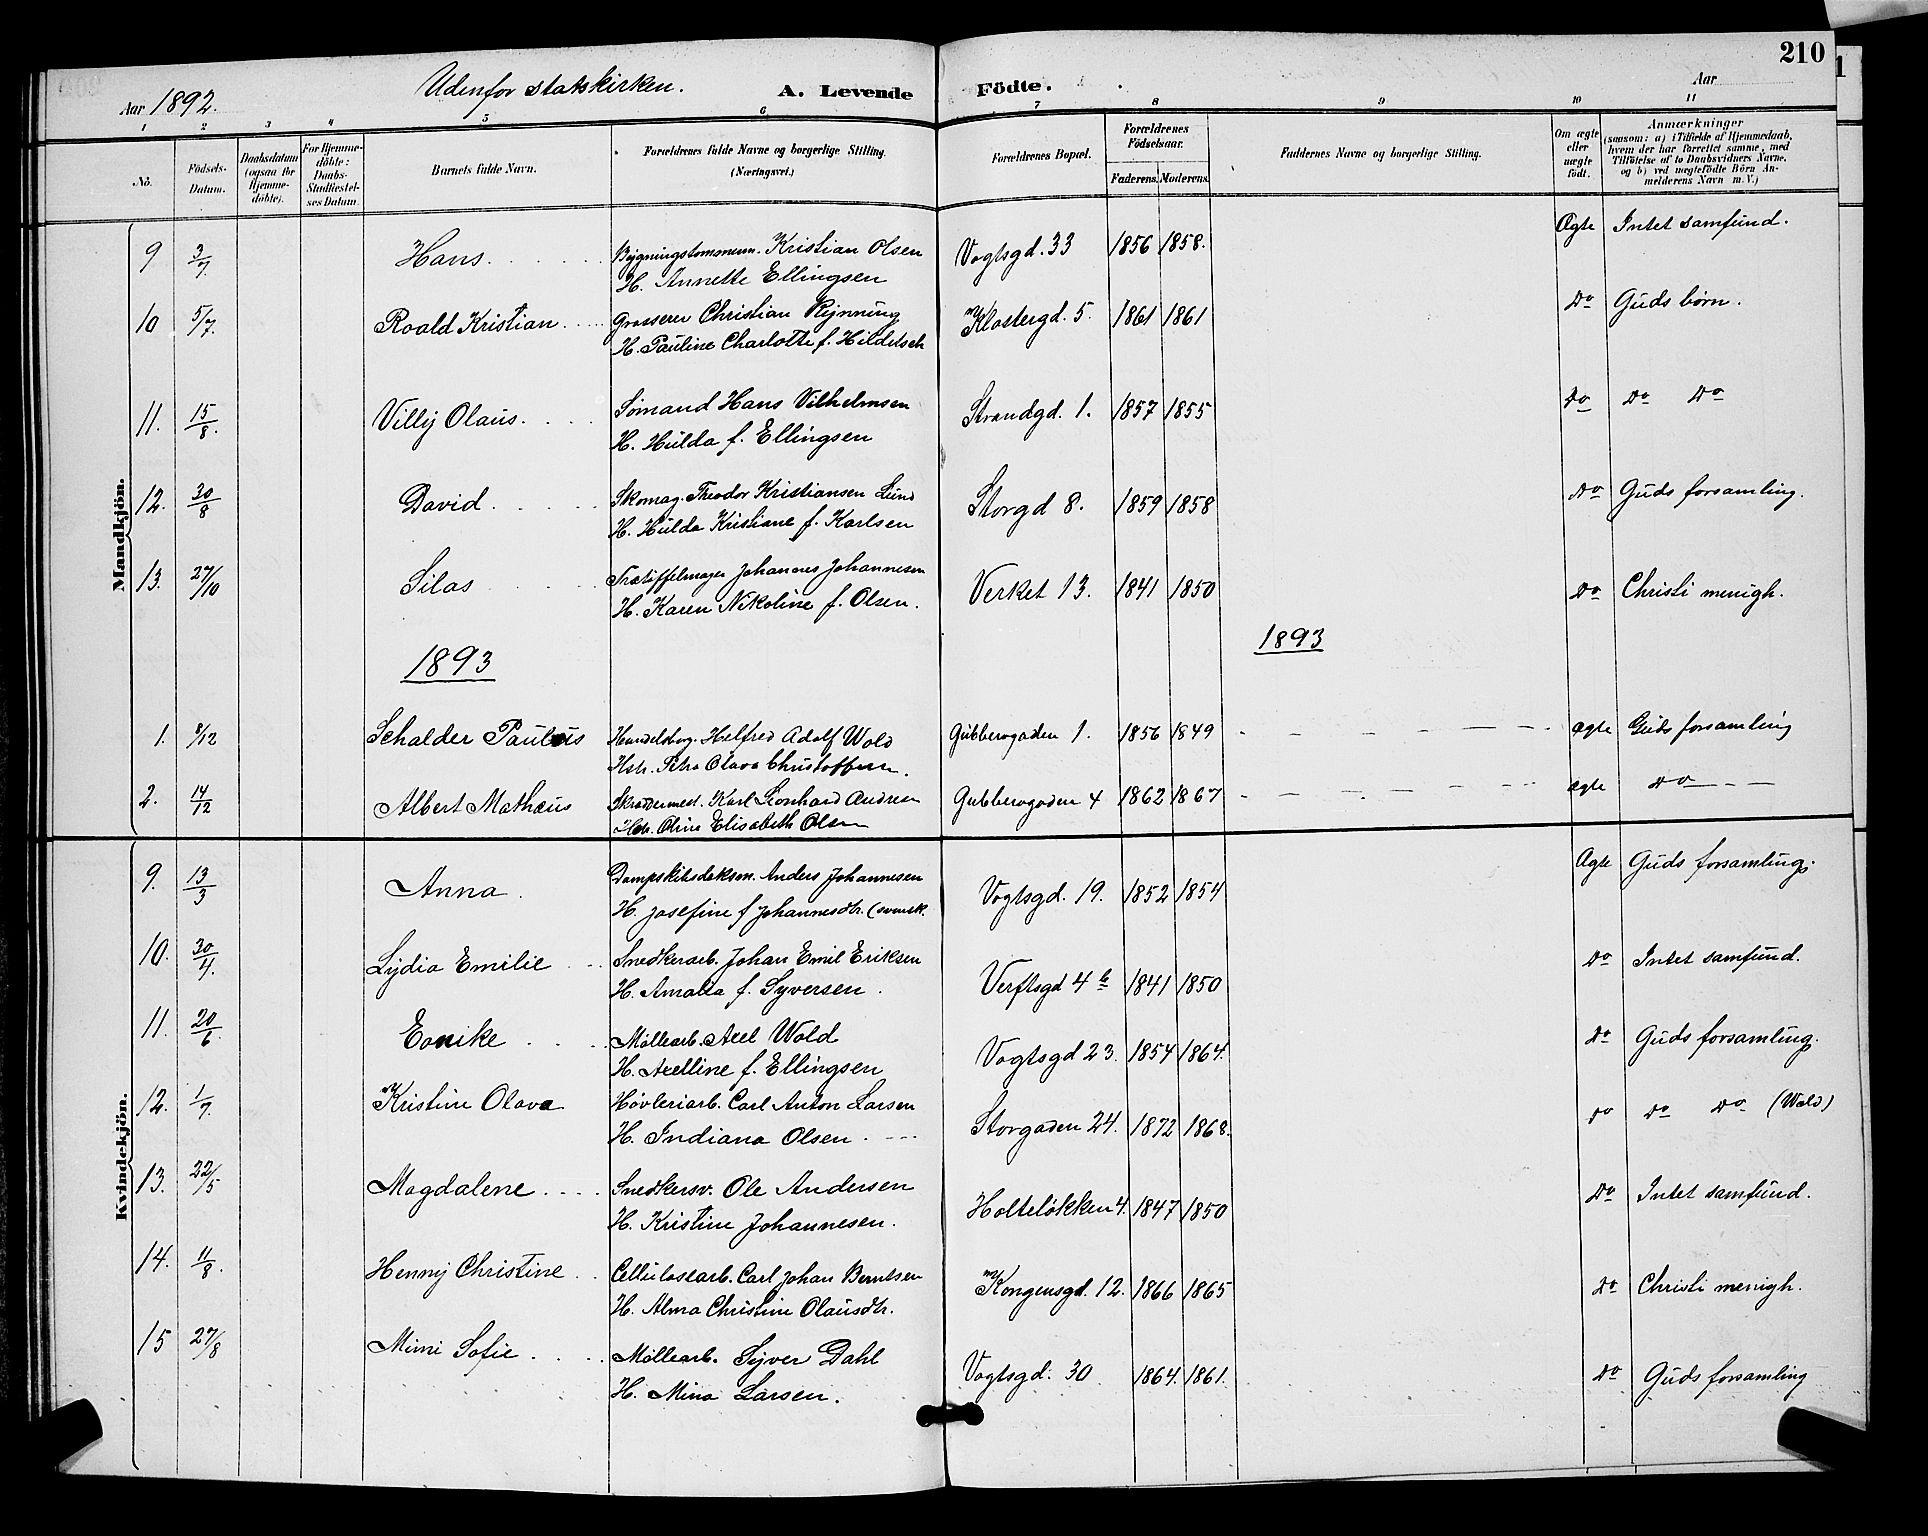 SAO, Moss prestekontor Kirkebøker, G/Ga/L0006: Klokkerbok nr. I 6, 1889-1900, s. 210